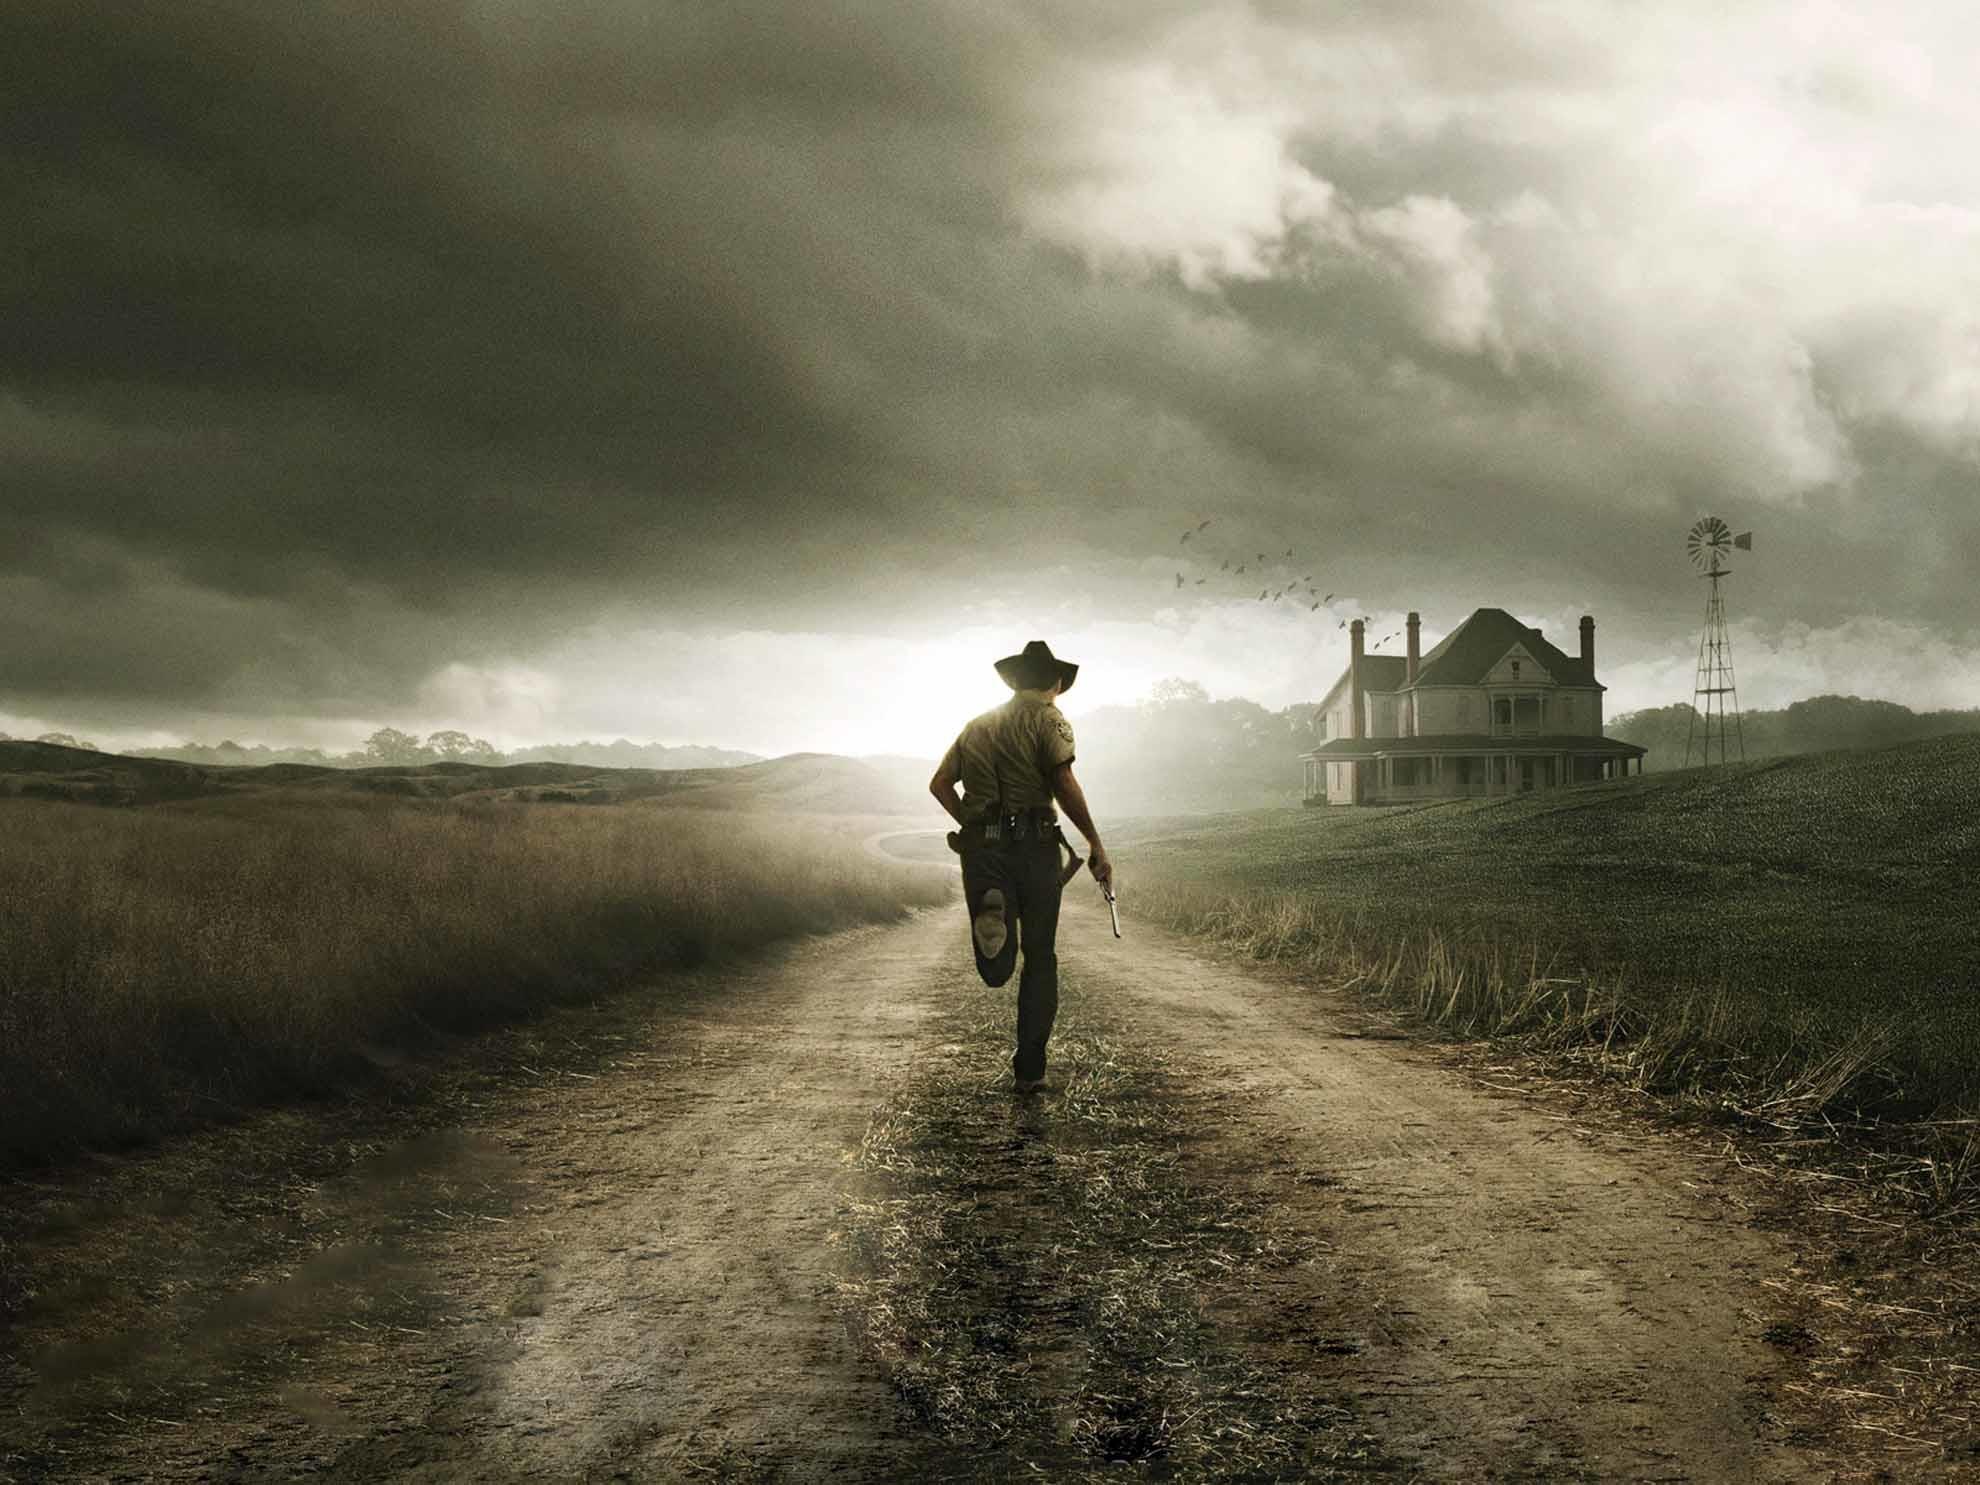 Walking Dead Wallpaper Free #12086 Wallpaper | awshdwallpapers.